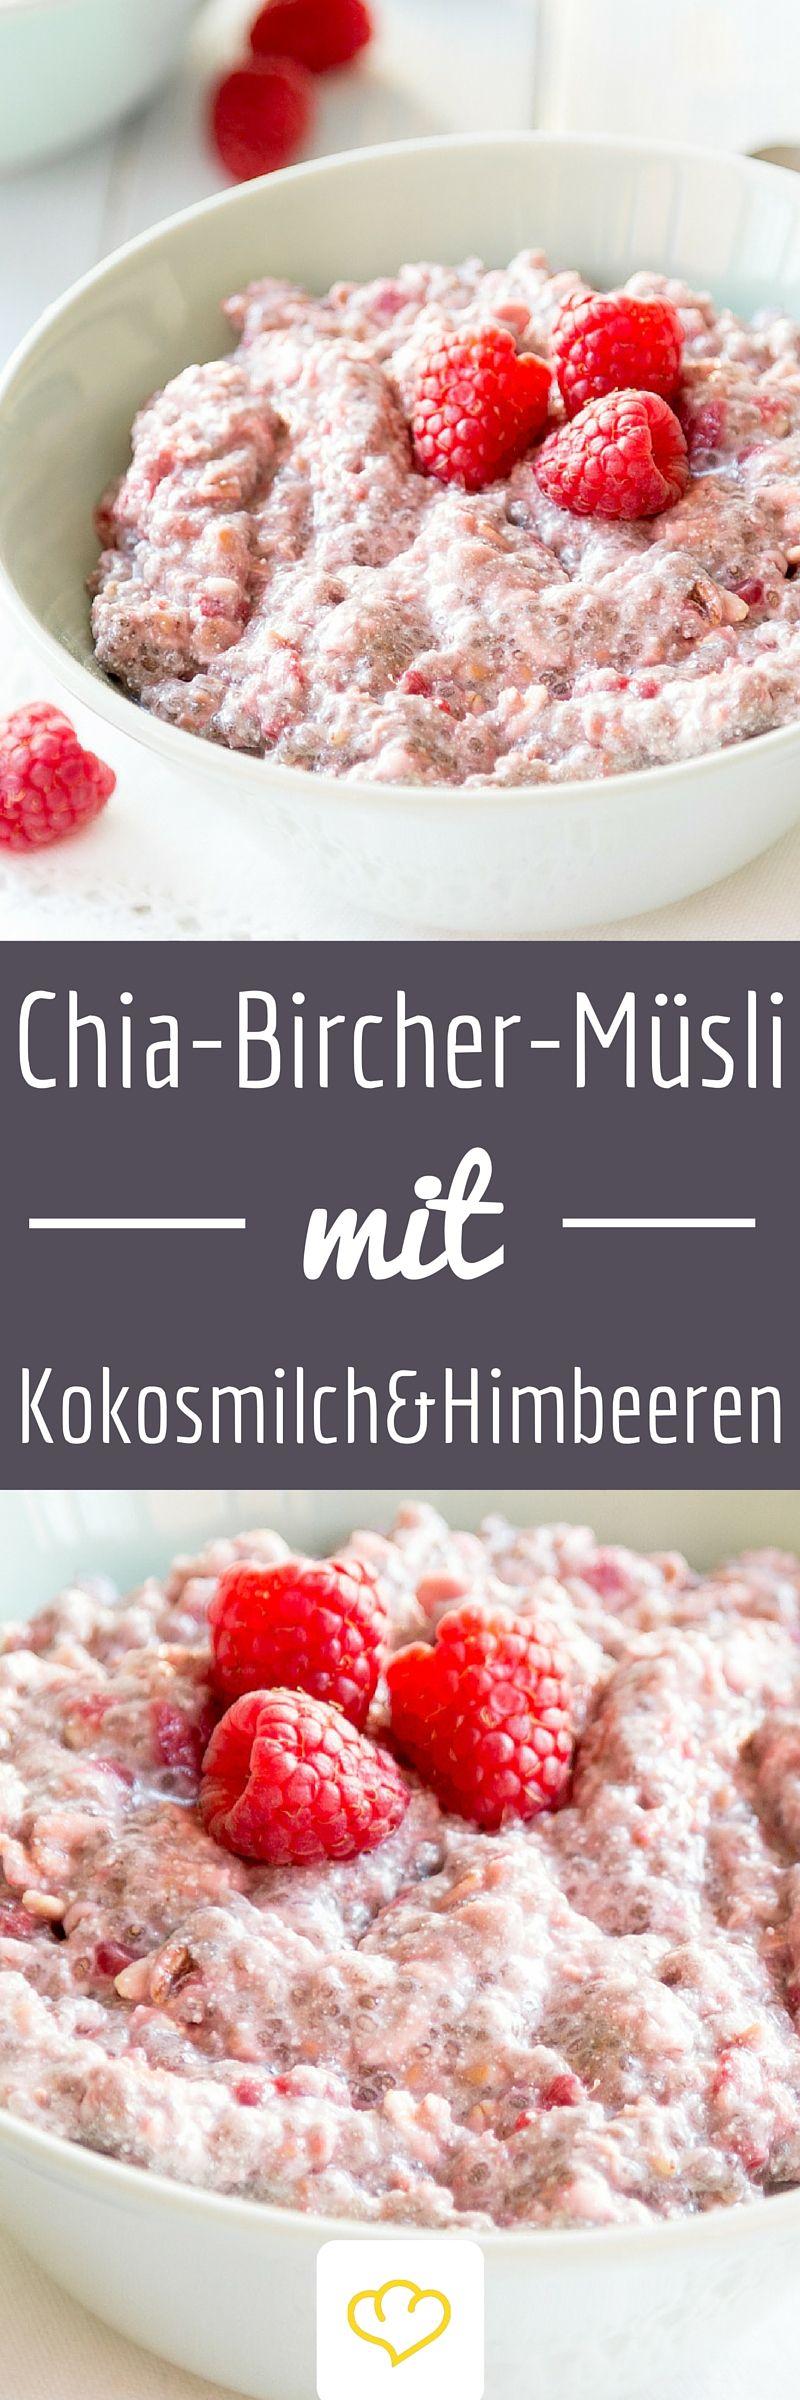 Chia-Bircher-Müsli mit Himbeeren und Kokosmilch #healthybreakfast